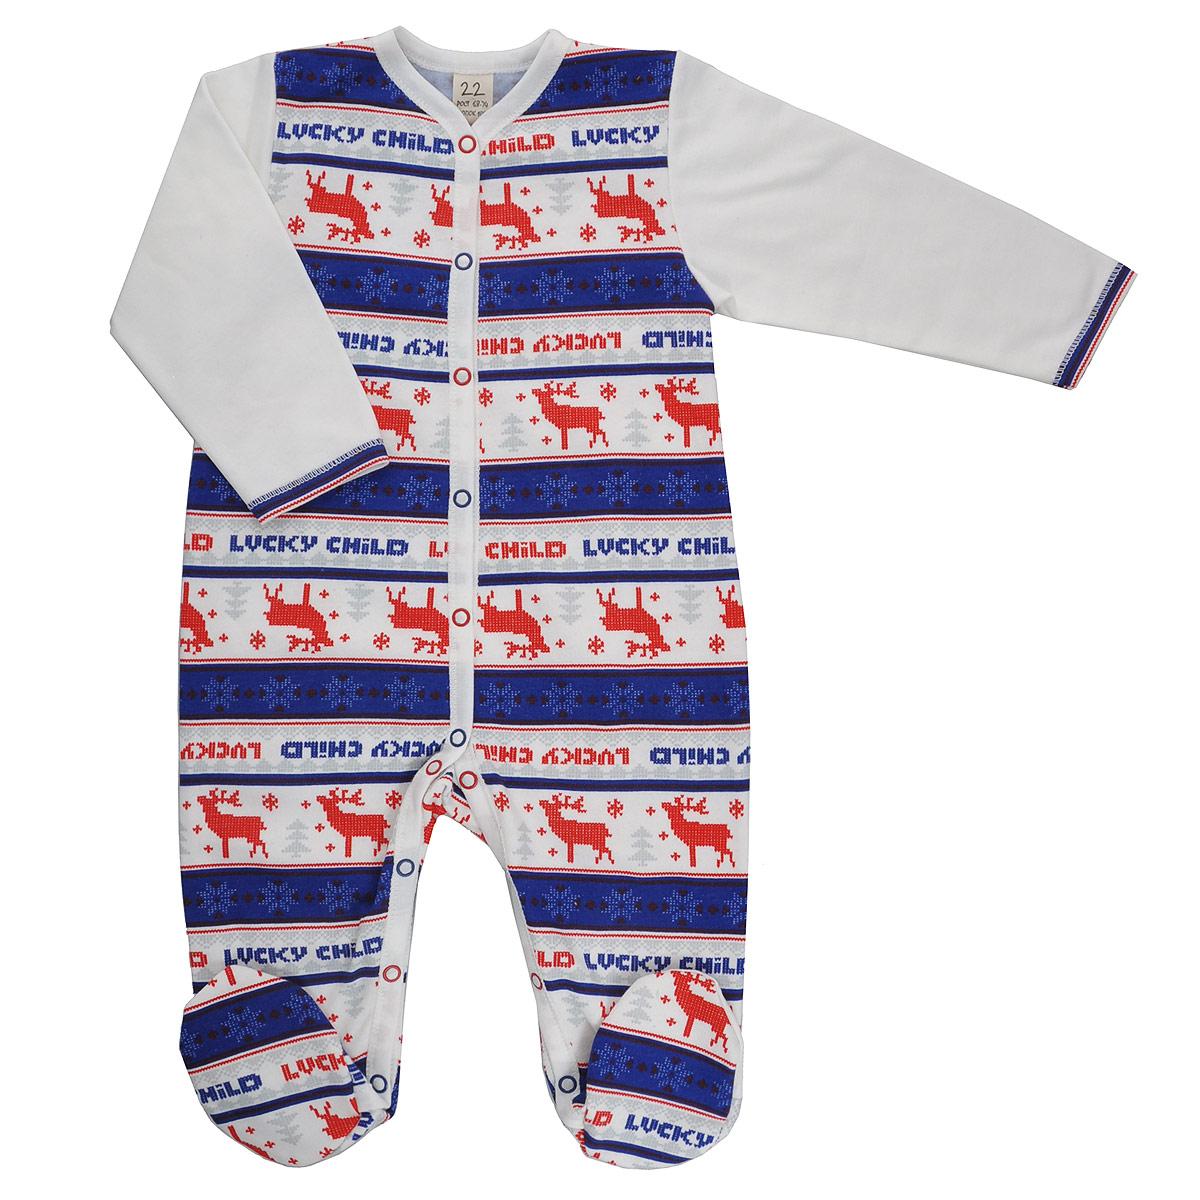 Комбинезон детский Lucky Child Скандинавия, цвет: молочный, синий, красный. 10-1. Размер 74/8010-1_футерДетский комбинезон Lucky Child Скандинавия - очень удобный и практичный вид одежды для малышей. Комбинезон выполнен из теплого футера - натурального хлопка, благодаря чему он необычайно мягкий и приятный на ощупь, не раздражает нежную кожу ребенка и хорошо вентилируется, а эластичные швы приятны телу малыша и не препятствуют его движениям. Комбинезон с длинными рукавами и закрытыми ножками имеет застежки-кнопки от горловины до щиколоток, которые помогают легко переодеть младенца или сменить подгузник. Оформлена модель модным скандинавским принтом. С детским комбинезоном Lucky Child спинка и ножки вашего малыша всегда будут в тепле, он идеален для использования днем и незаменим ночью. Комбинезон полностью соответствует особенностям жизни младенца в ранний период, не стесняя и не ограничивая его в движениях!